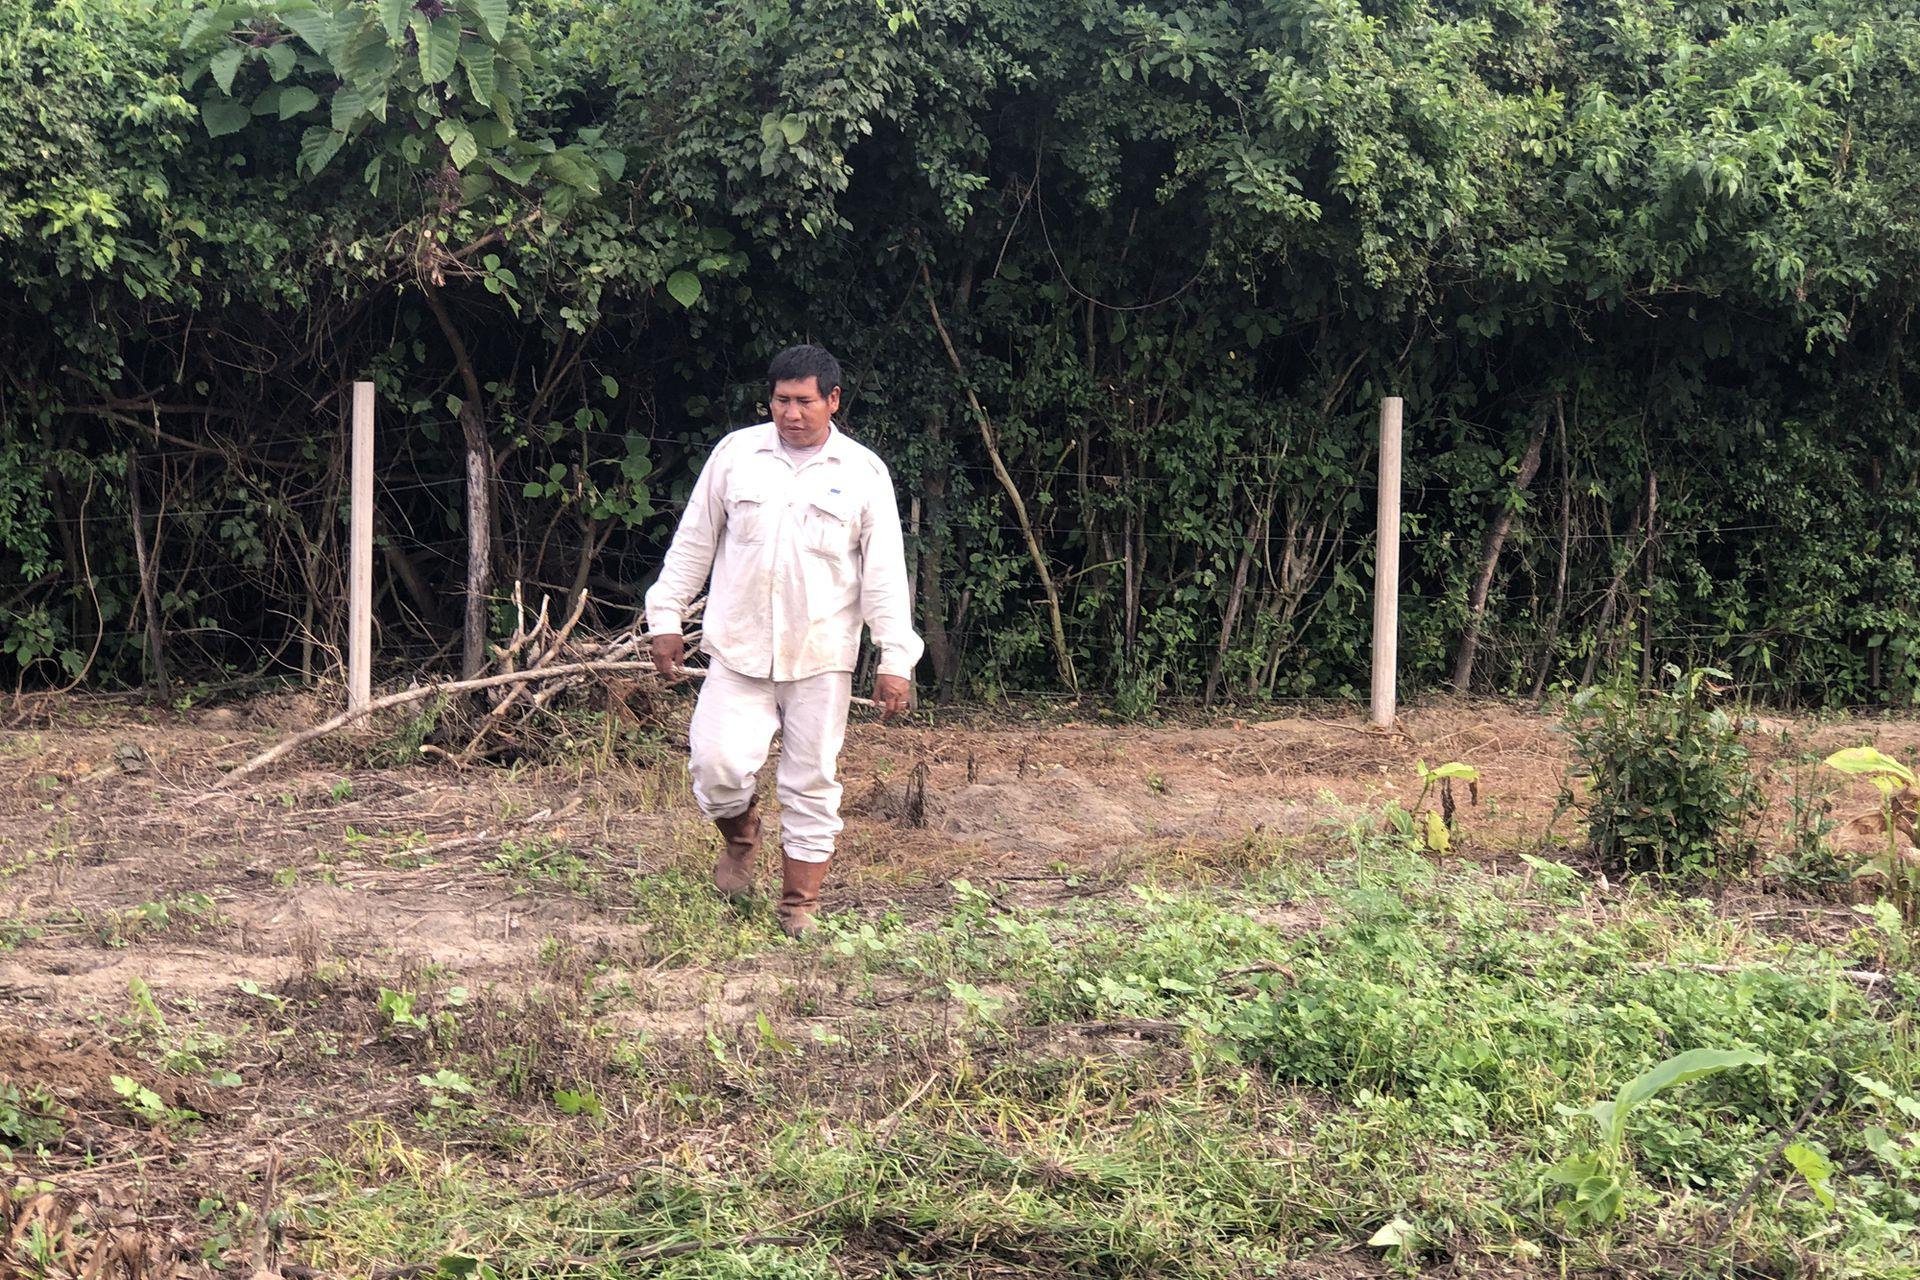 Carlos Rivero, el papá de Nehuel, suele irse durante varios meses a trabajar en la cosecha de manzana o de limón